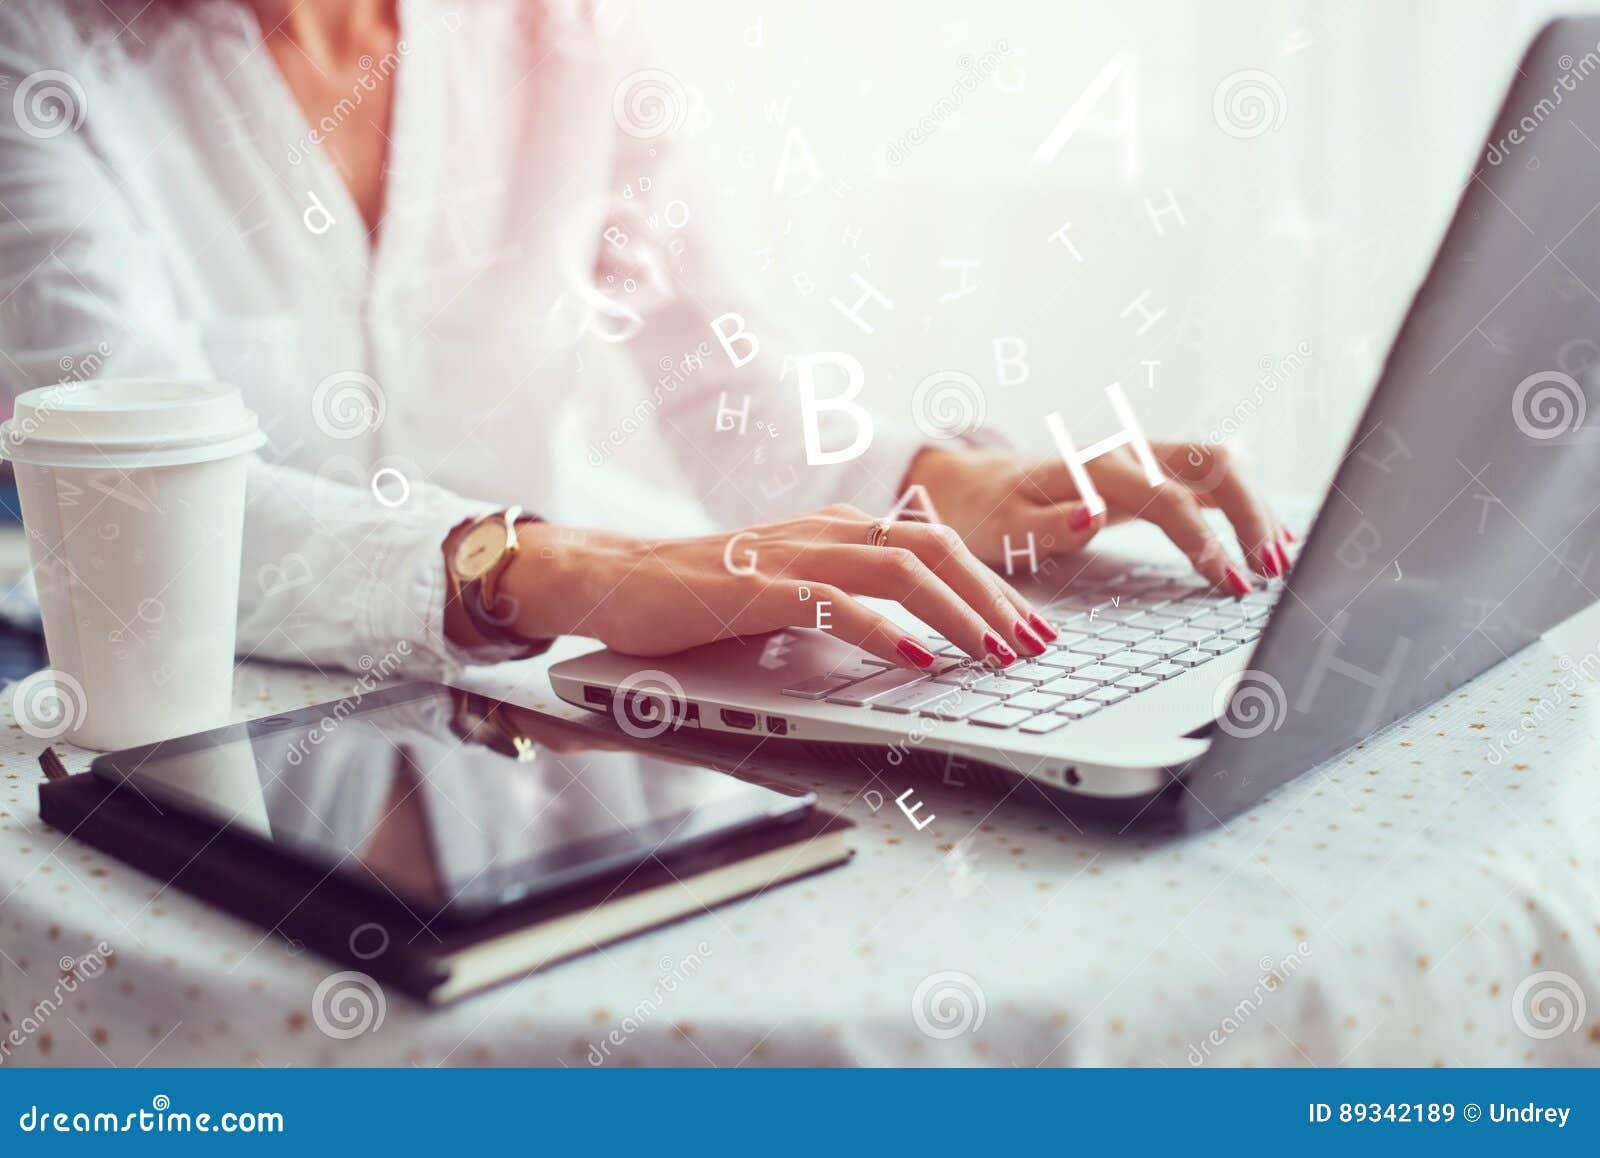 Γυναίκα που εργάζεται στο χέρι Υπουργείων Εσωτερικών στο πληκτρολόγιο κοντά επάνω